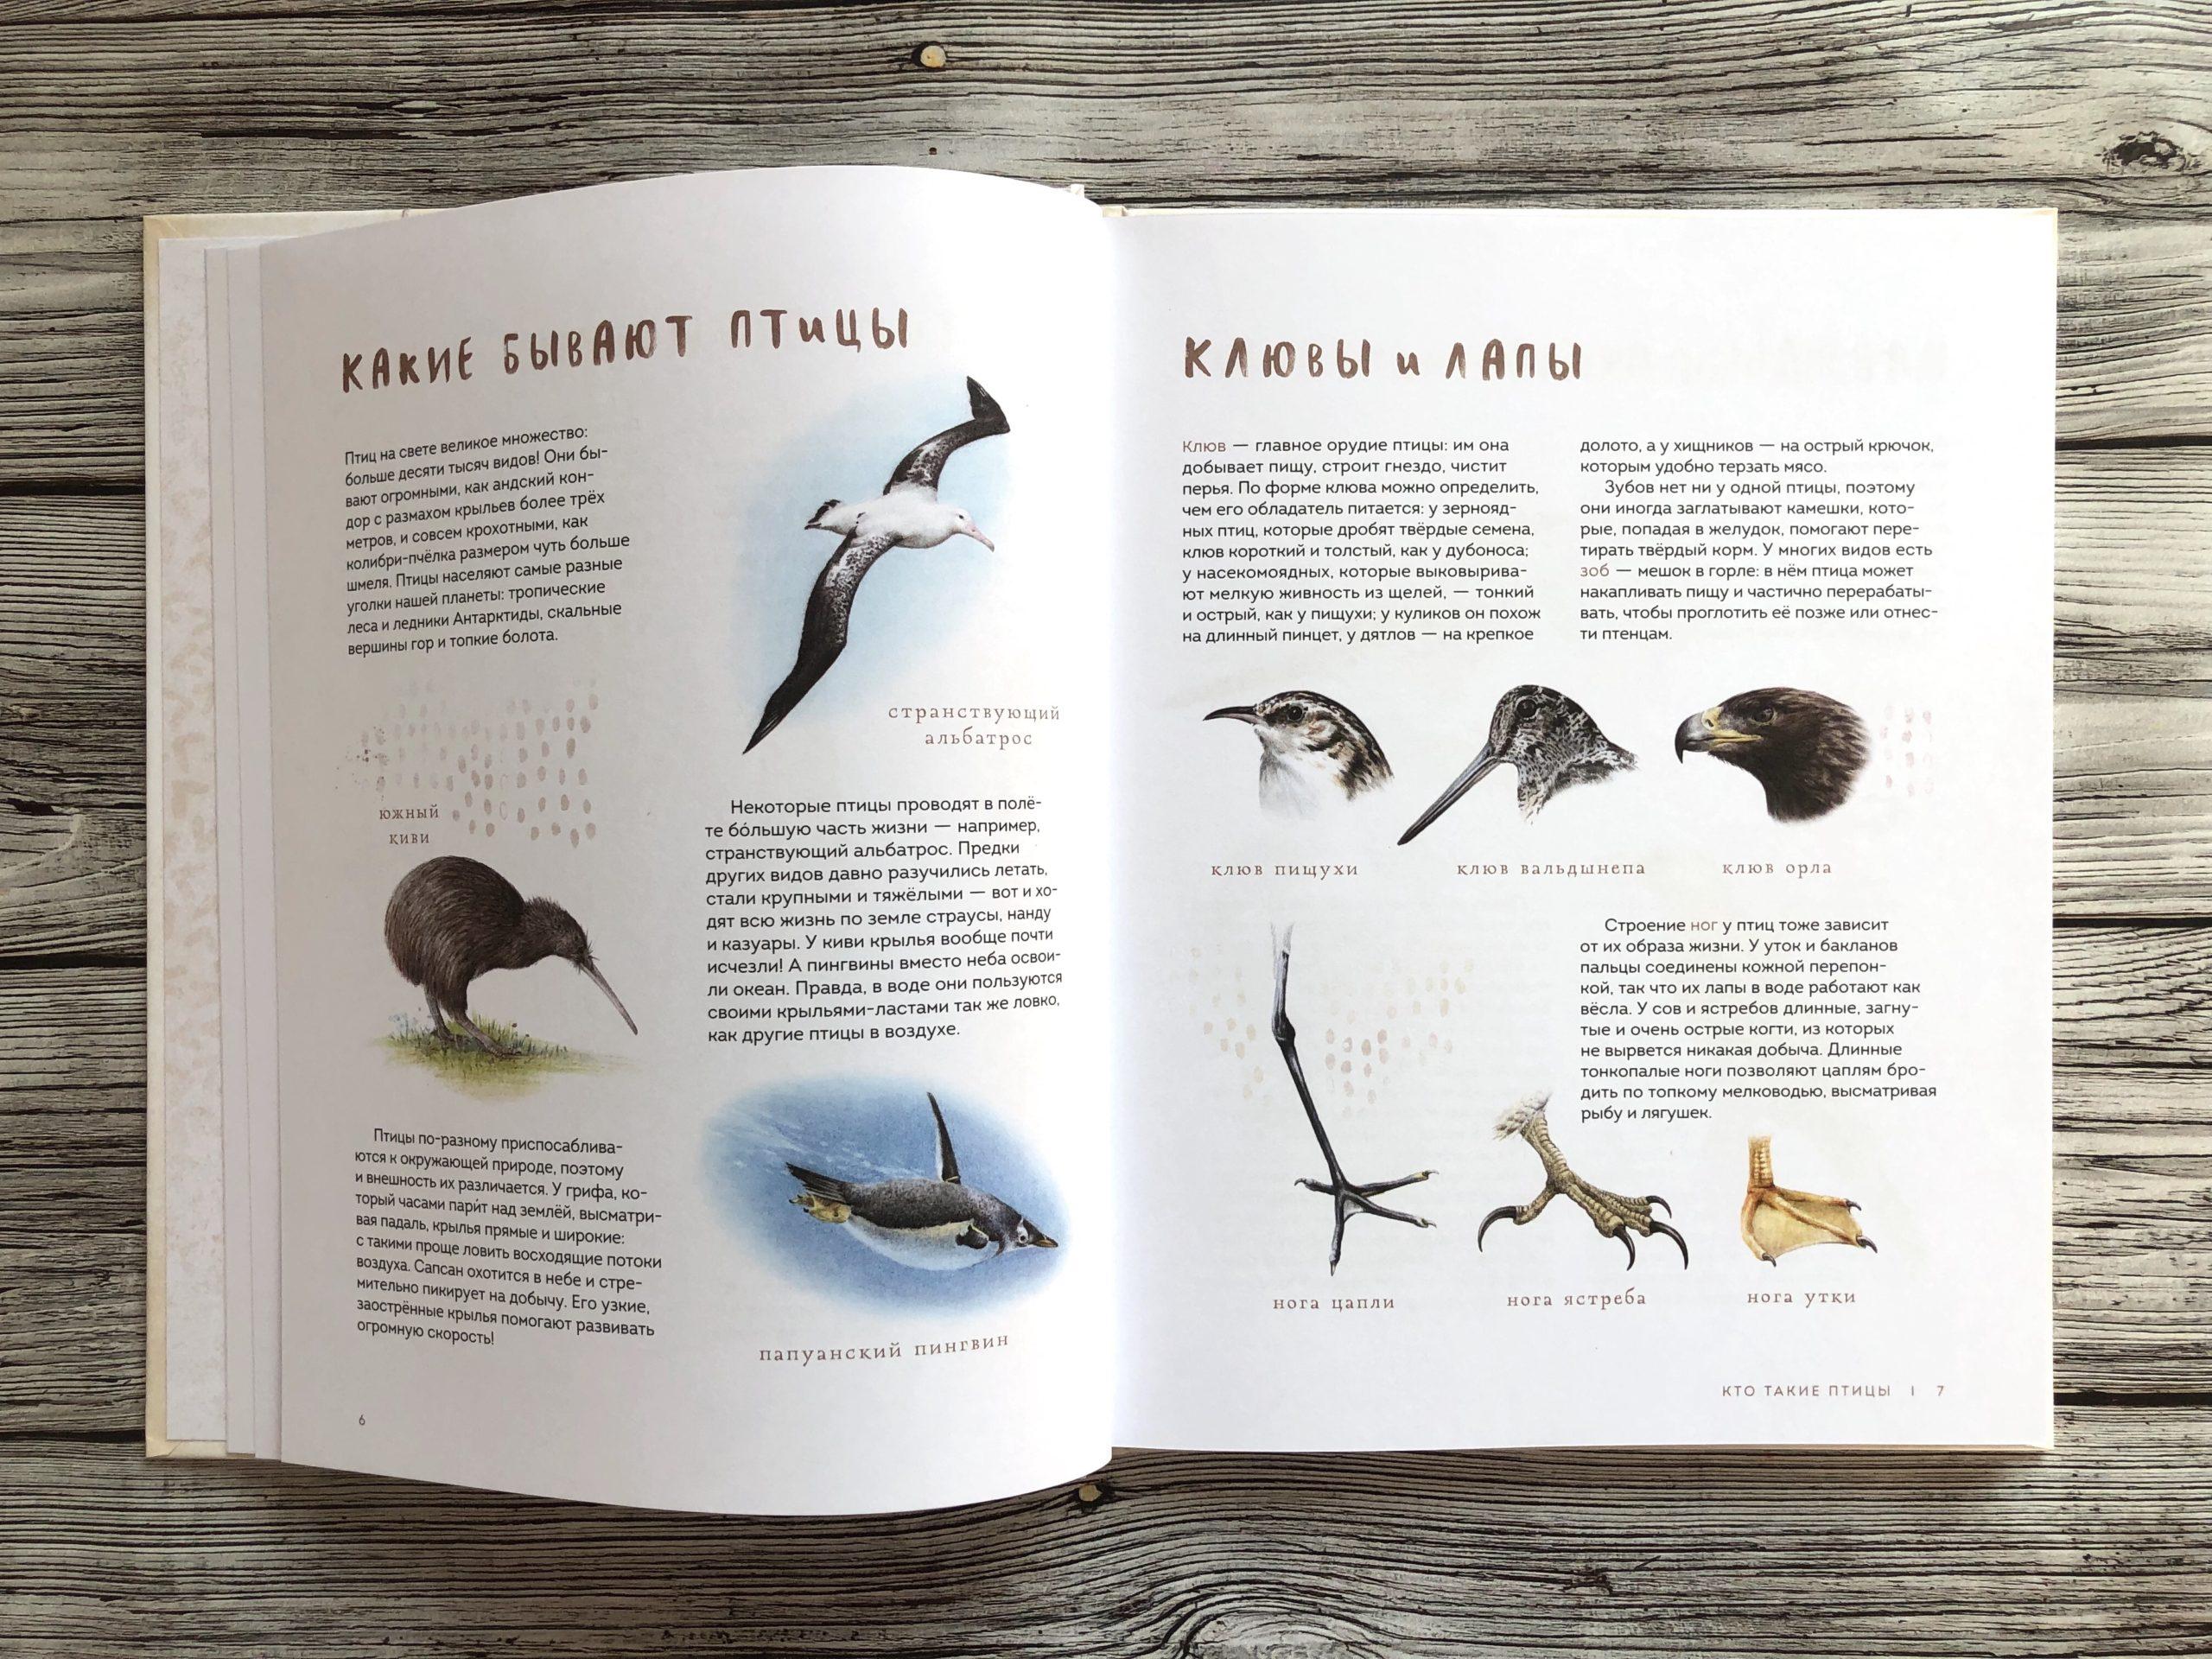 Очень красивая и полезная книга о птицах для детей - Птицы в городе 5